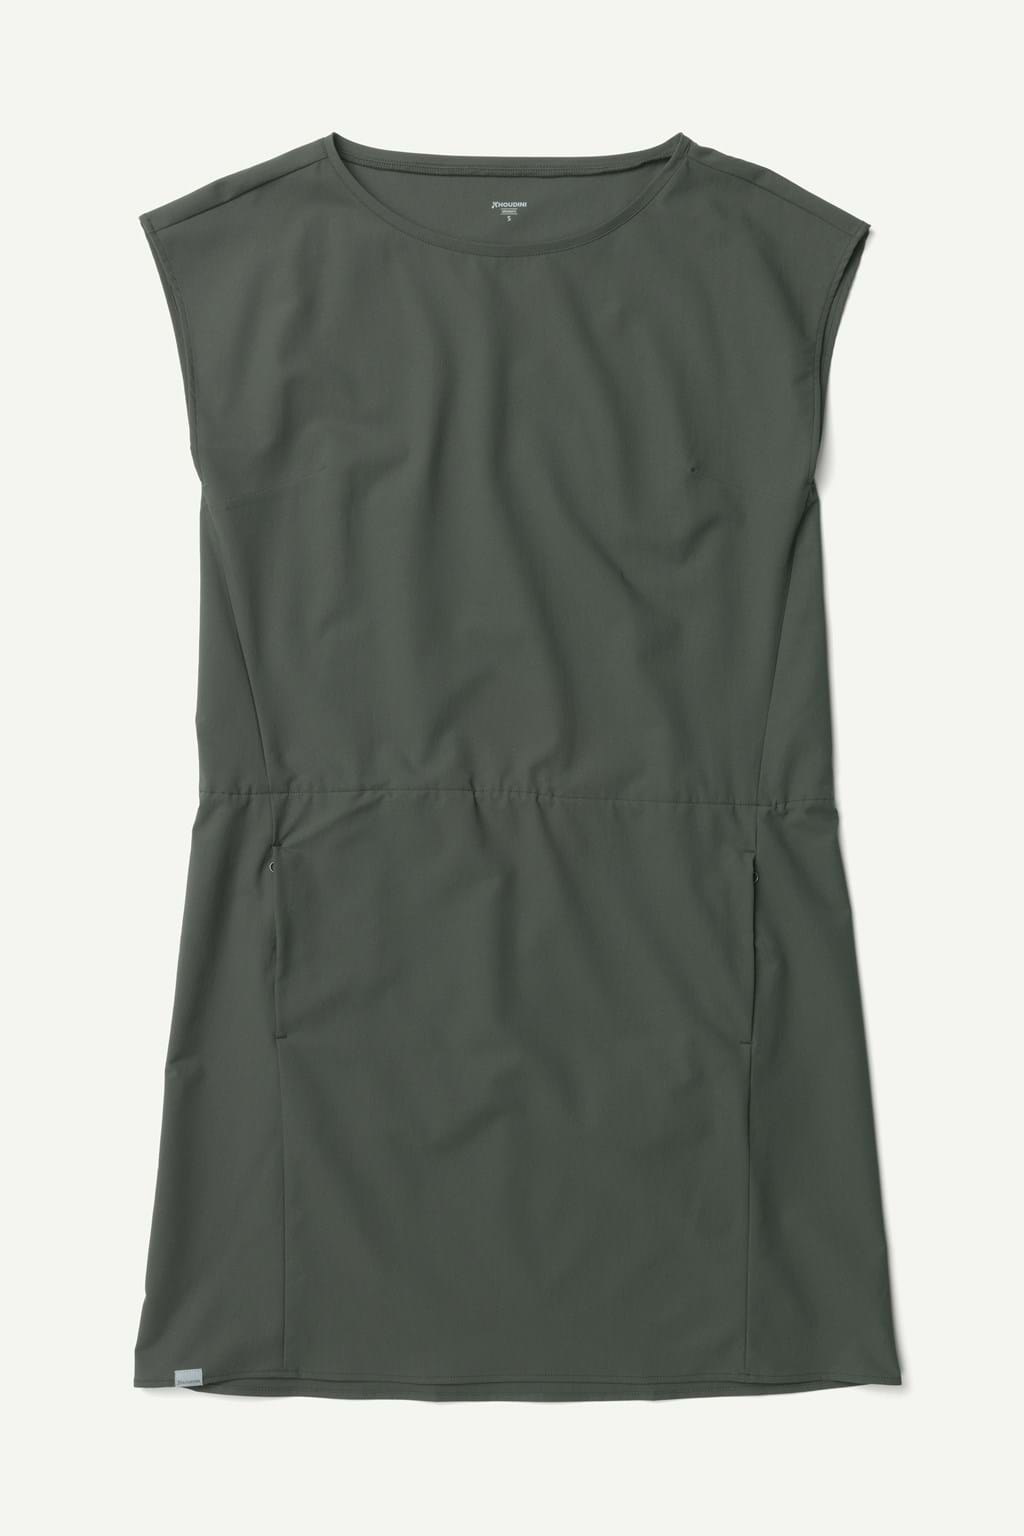 HOUDINI W's Dawn Dress